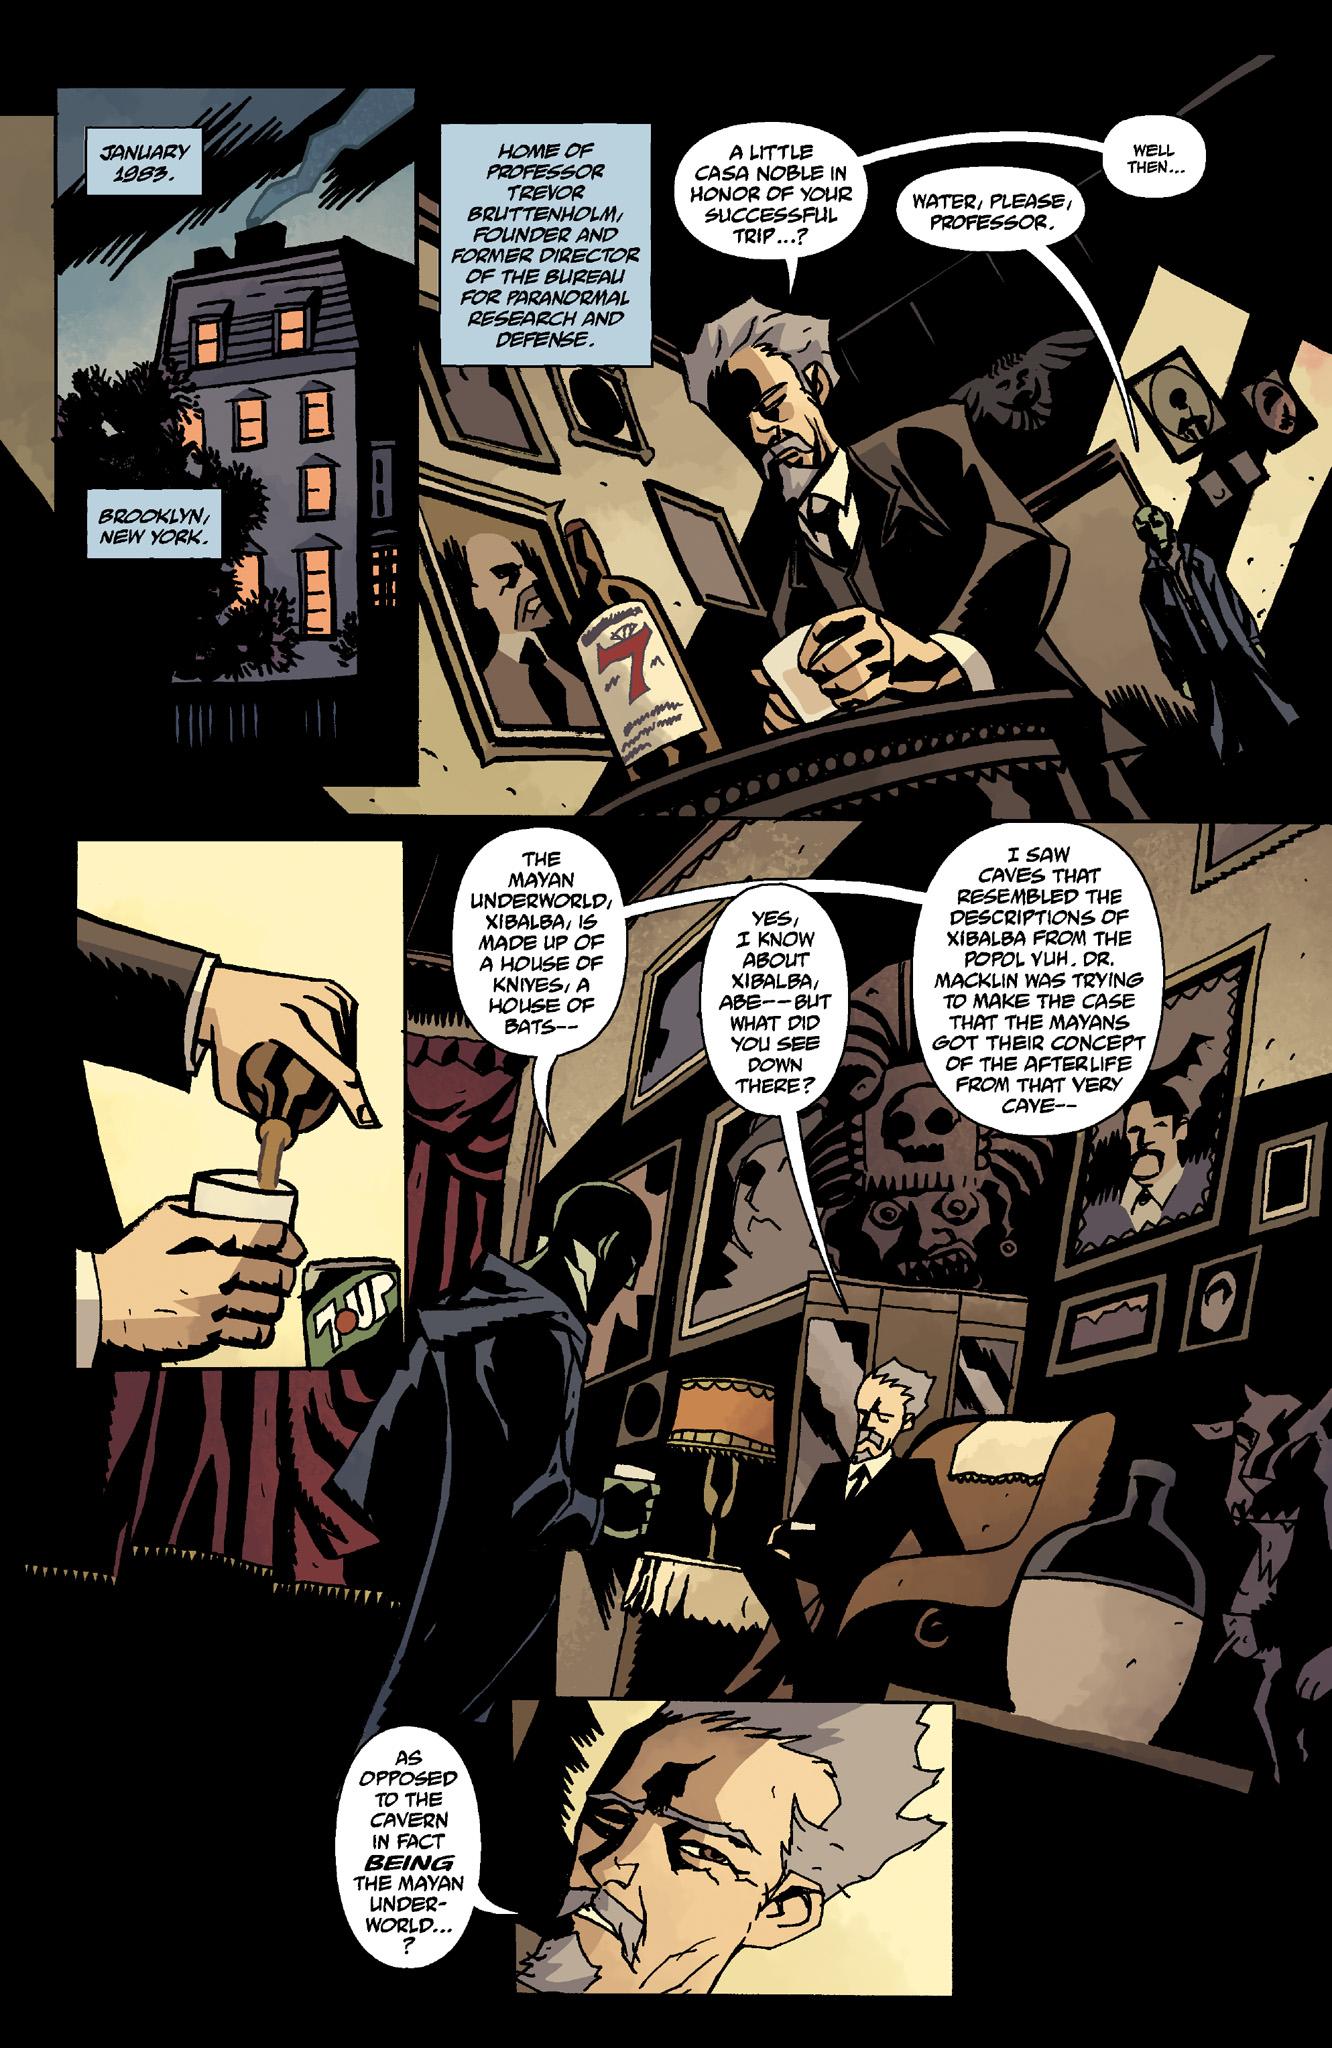 Read online Abe Sapien comic -  Issue #8 - 3